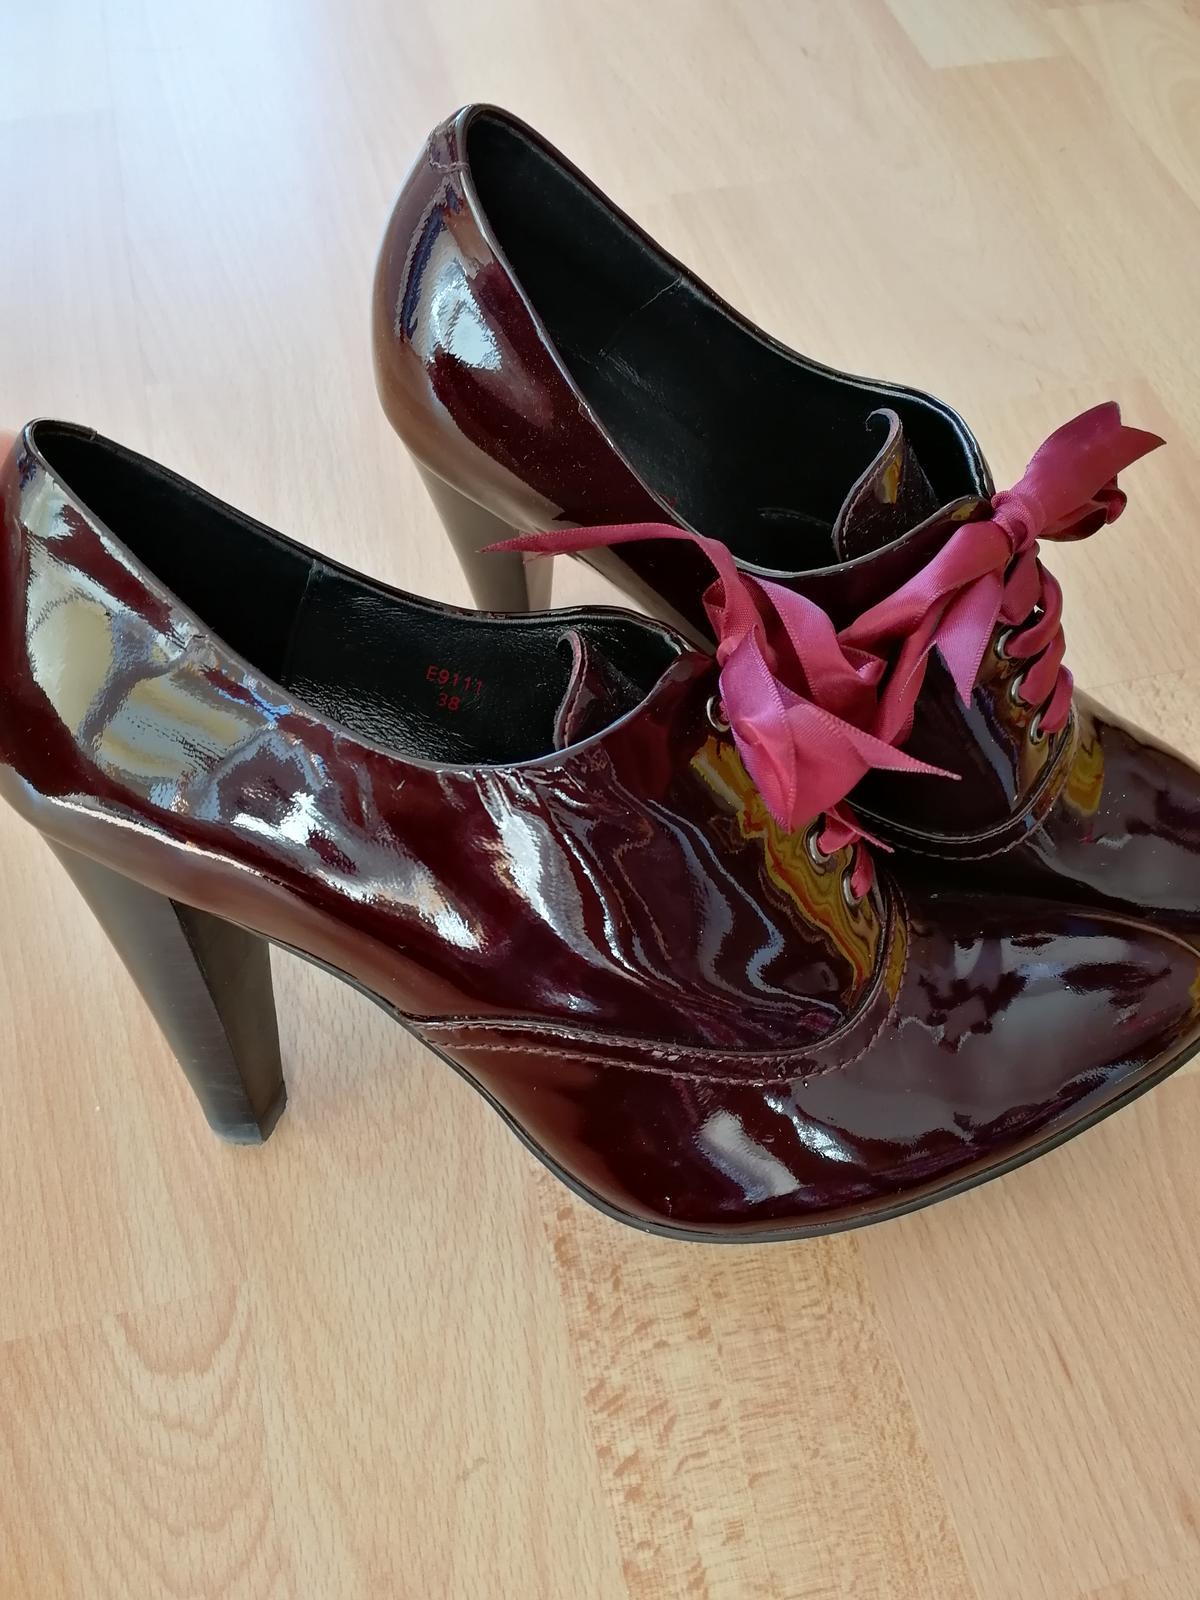 Úžasné lakované boty - Obrázek č. 1